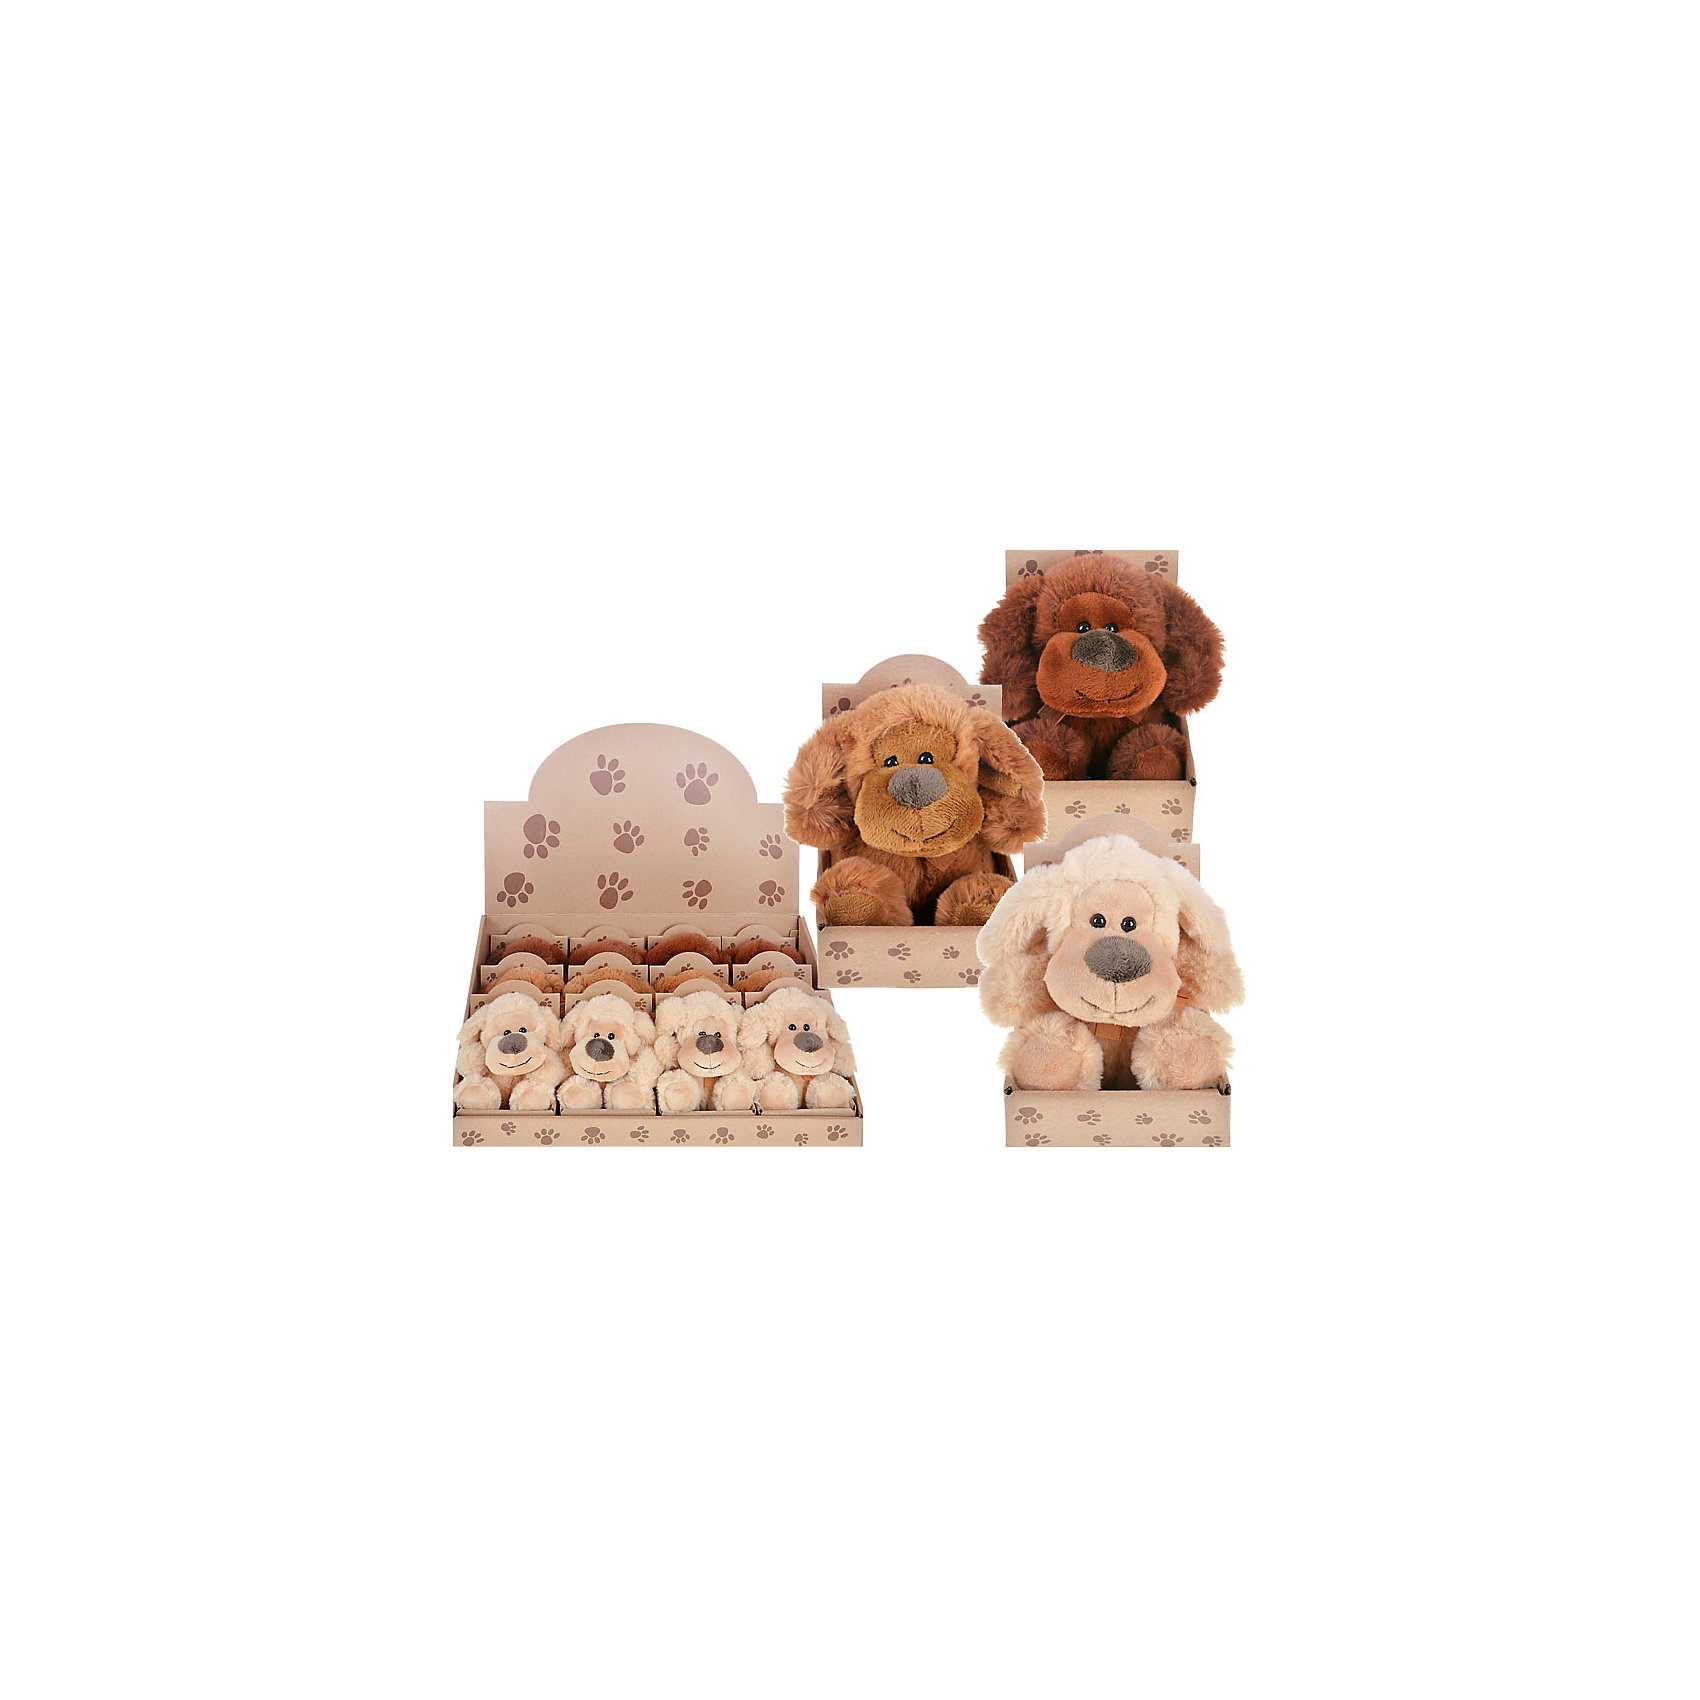 Мягкая игрушка Собачка (3 цвета в ассортименте)Очаровательный мягкий щенок - прекрасный подарок на любой праздник. Дети обожают мягкие игрушки и всегда будут рады новому плюшевому или меховому другу! Игрушка выполнена из высококачественных экологичных материалов, плотно набита, приятна на ощупь. <br><br>Дополнительная информация:<br><br>- Материал: текстиль, пластик, синтепон.<br>- Размер: 7,5х5х12,5 см. <br>- 3 цвета в ассортименте: коричневый, светло-коричневый, бежевый. <br>ВНИМАНИЕ! Данный артикул представлен в разных вариантах исполнения. К сожалению, заранее выбрать определенный вариант невозможно. При заказе нескольких игрушек возможно получение одинаковых.<br><br>Мягкую игрушку Собачка (3 цвета в ассортименте) можно купить в нашем магазине.<br><br>Ширина мм: 120<br>Глубина мм: 90<br>Высота мм: 120<br>Вес г: 98<br>Возраст от месяцев: 36<br>Возраст до месяцев: 144<br>Пол: Унисекс<br>Возраст: Детский<br>SKU: 4558384